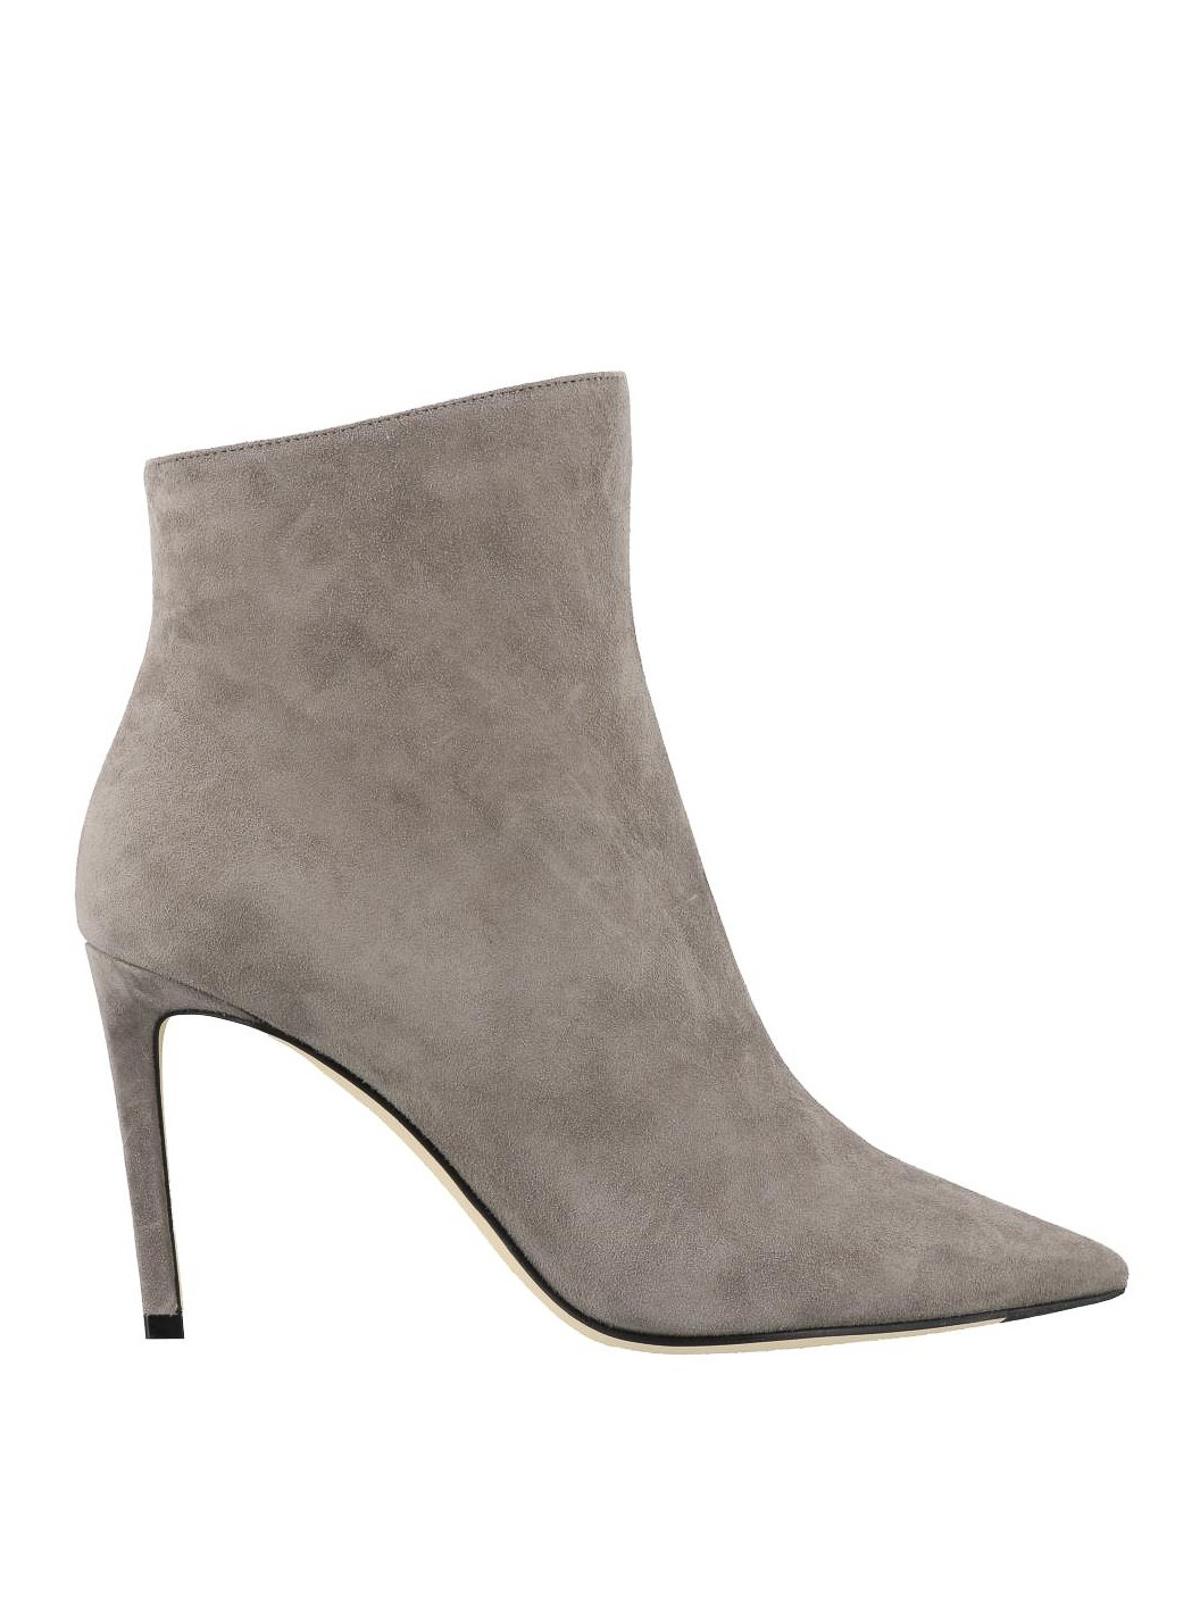 Helaine 85 grey suede heeled booties